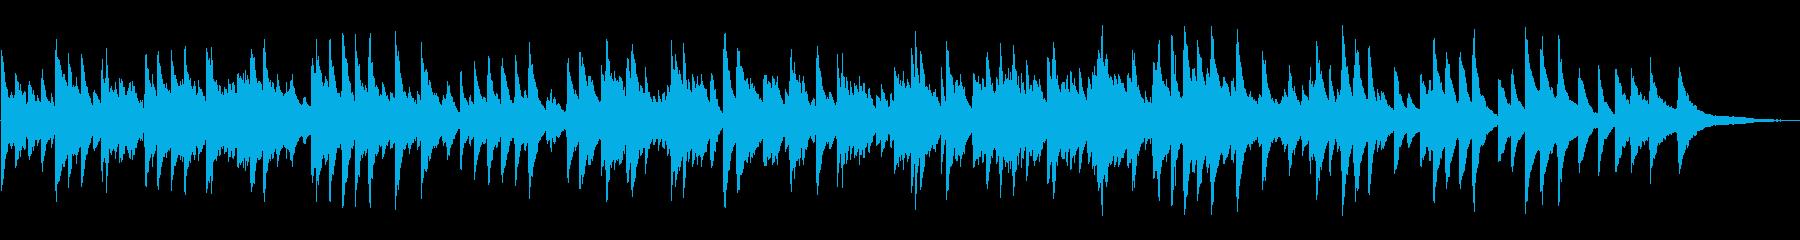 落ち着いたジャズラウンジピアノソロの再生済みの波形